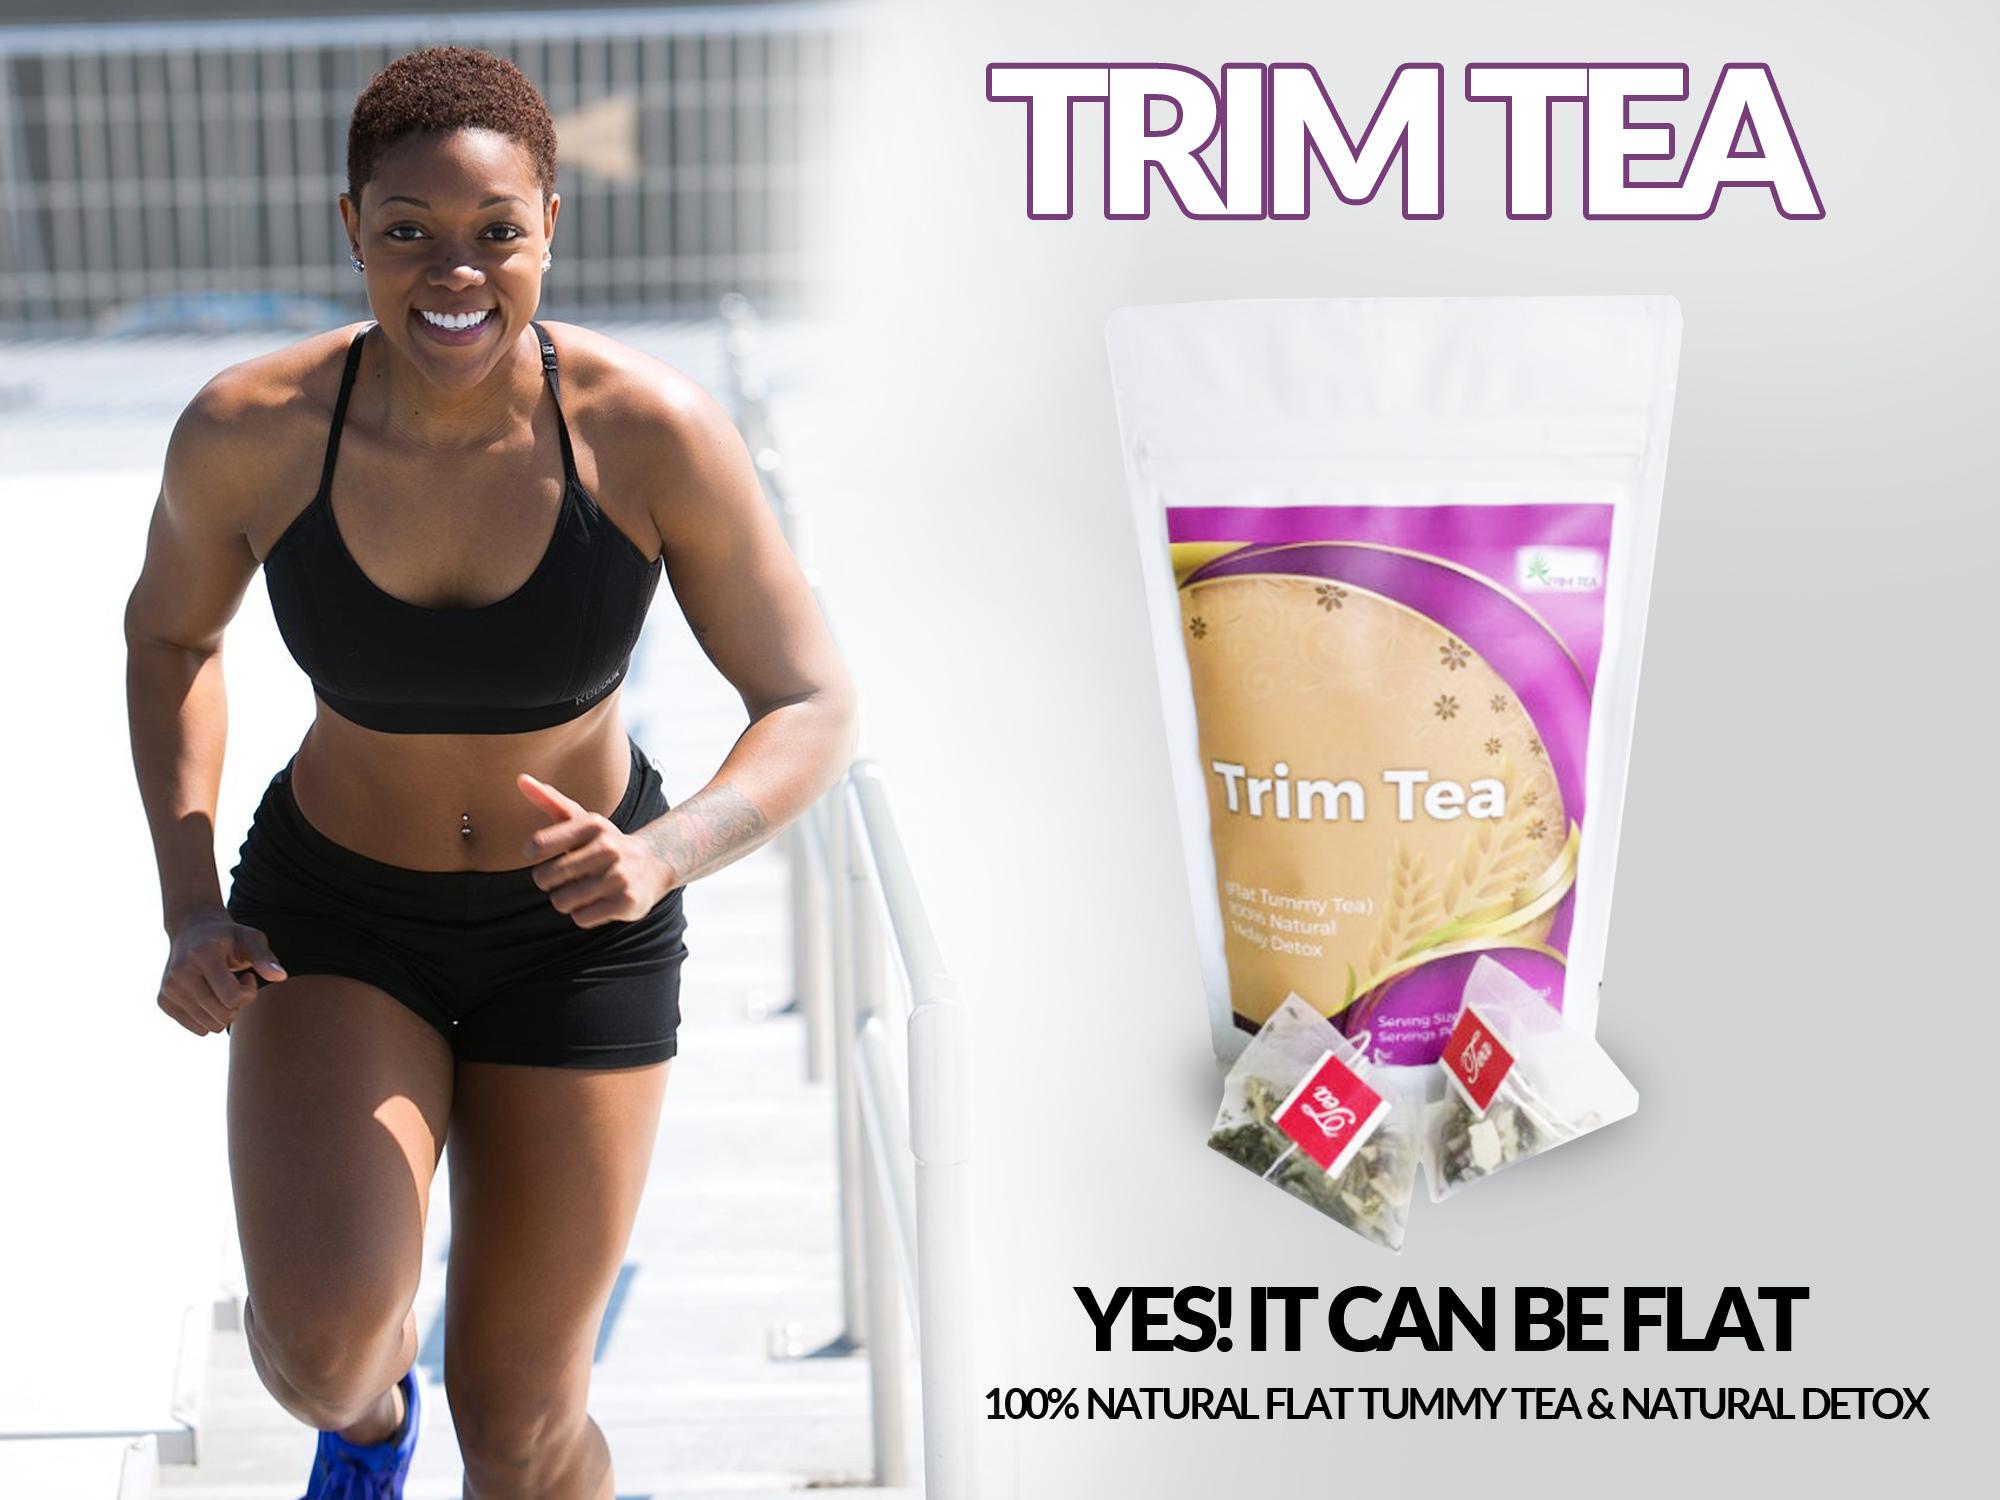 Trim Flattummy Tea